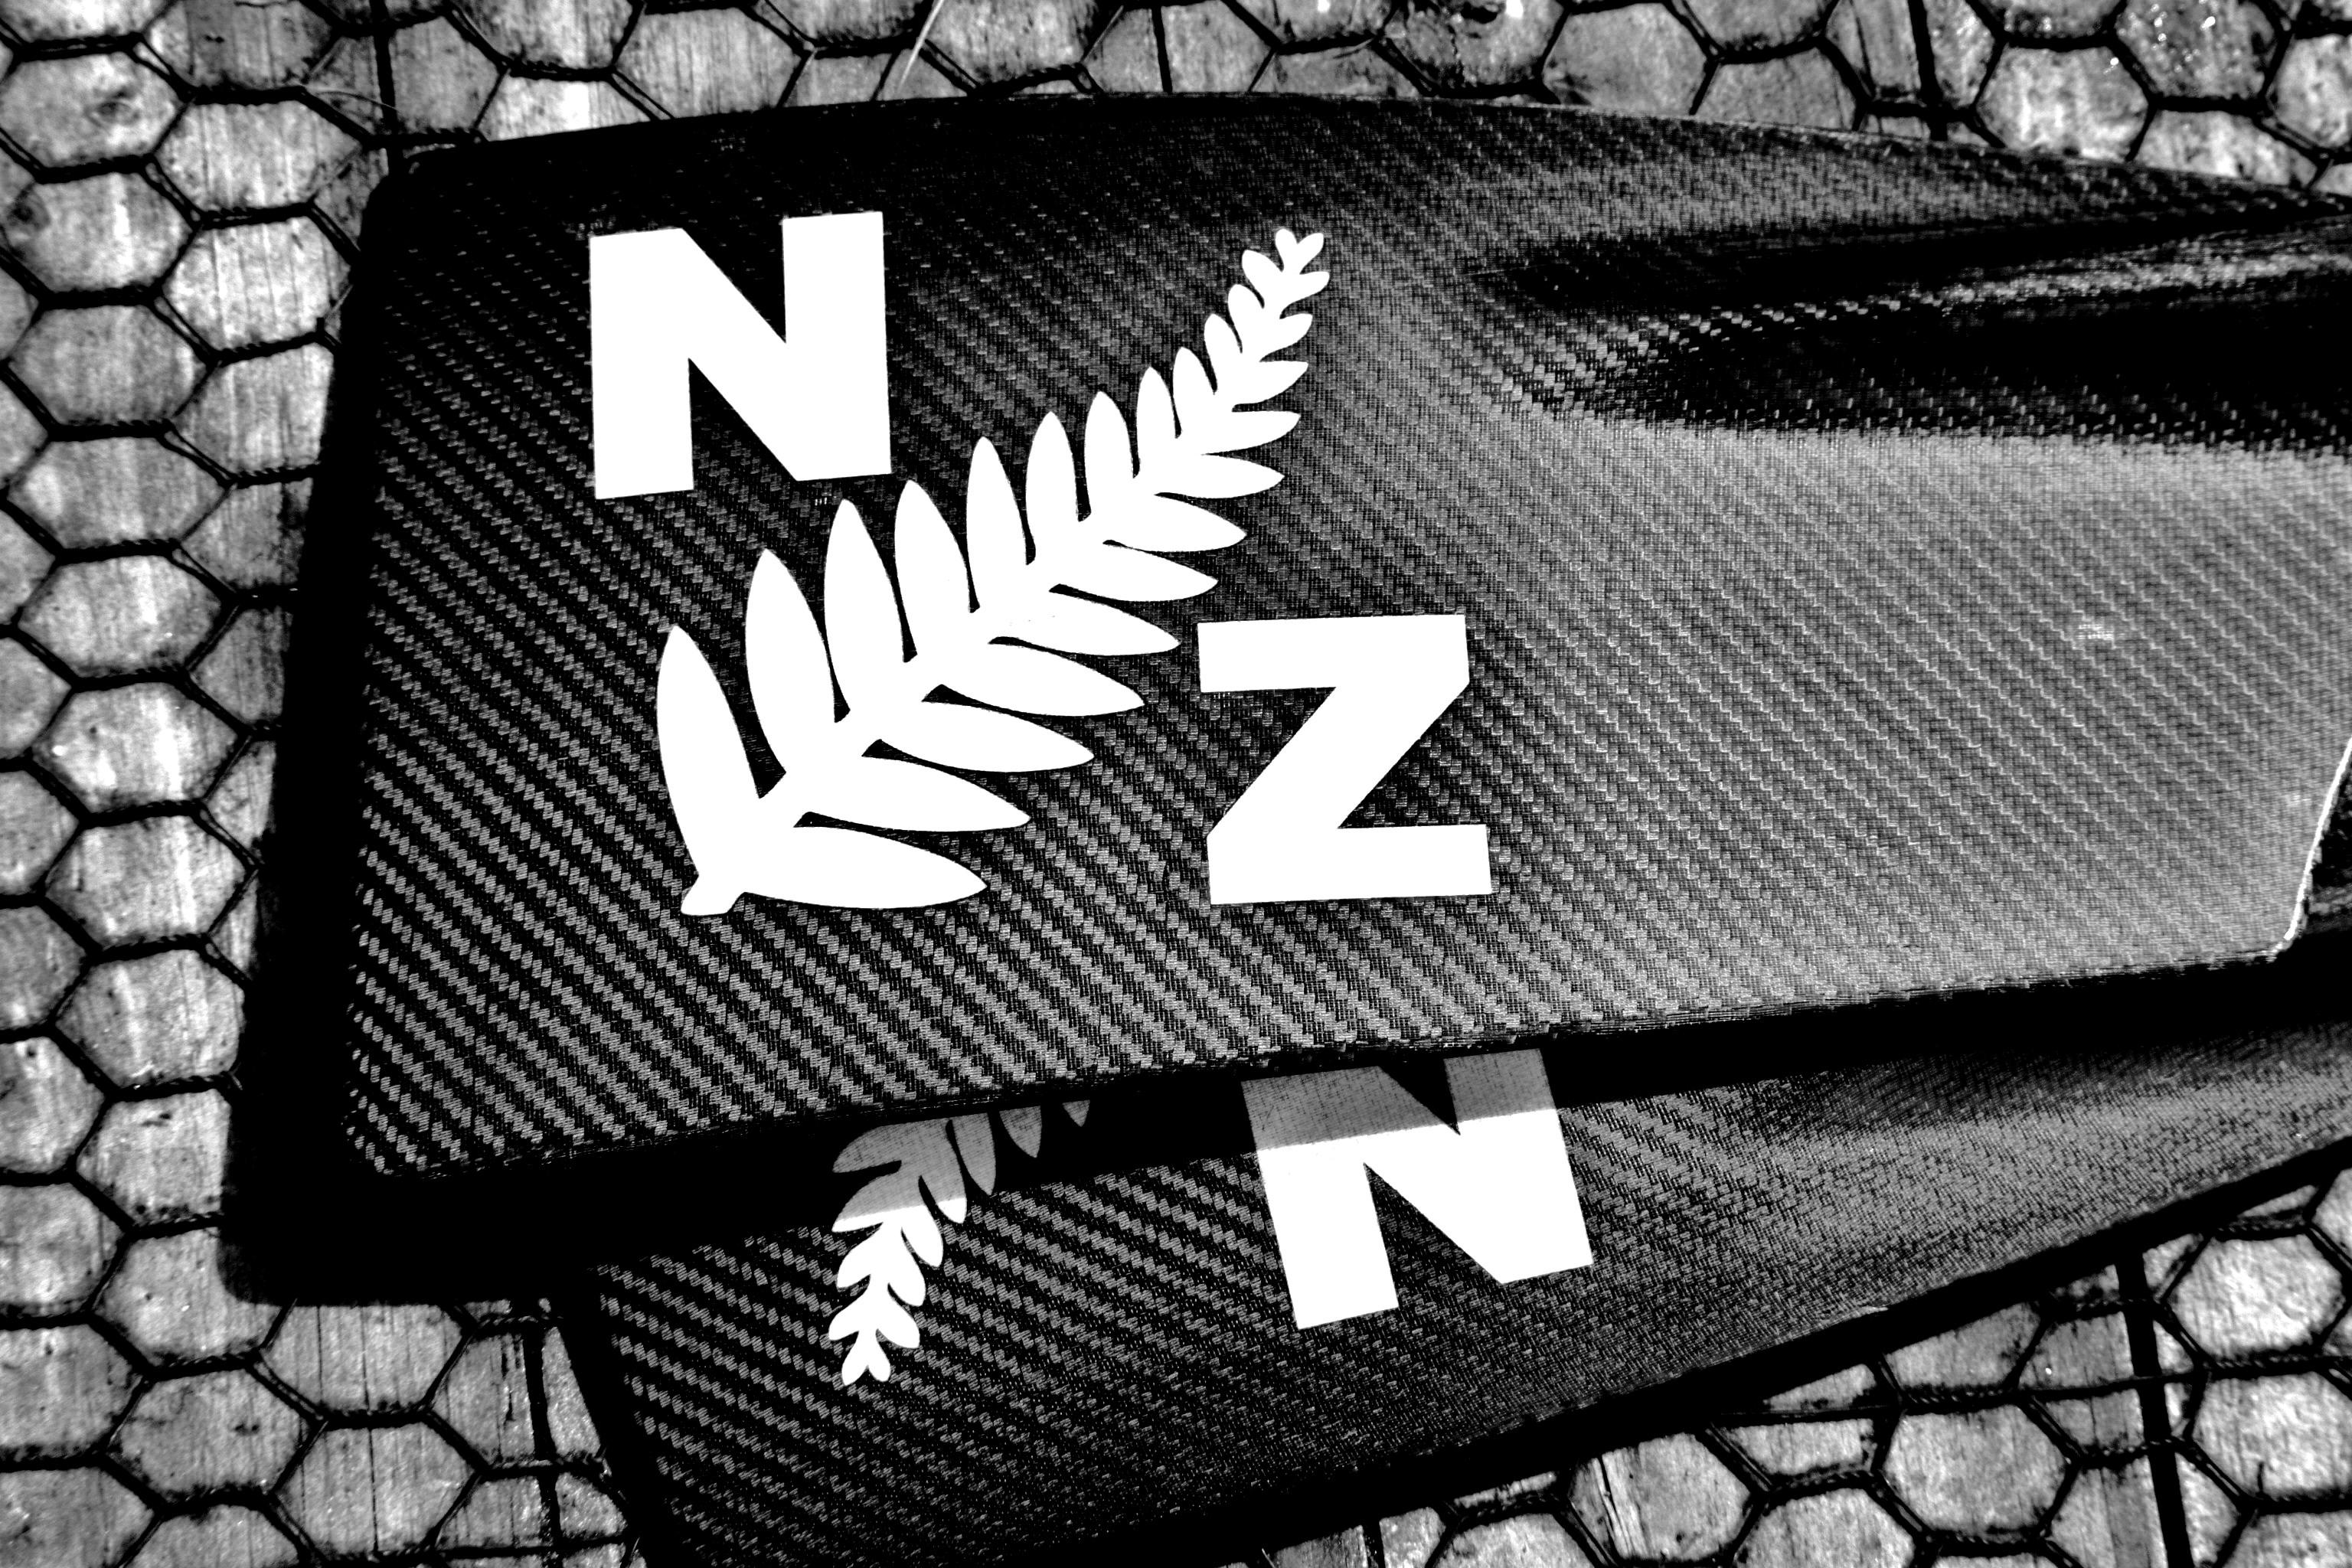 NZ_Blades.jpg